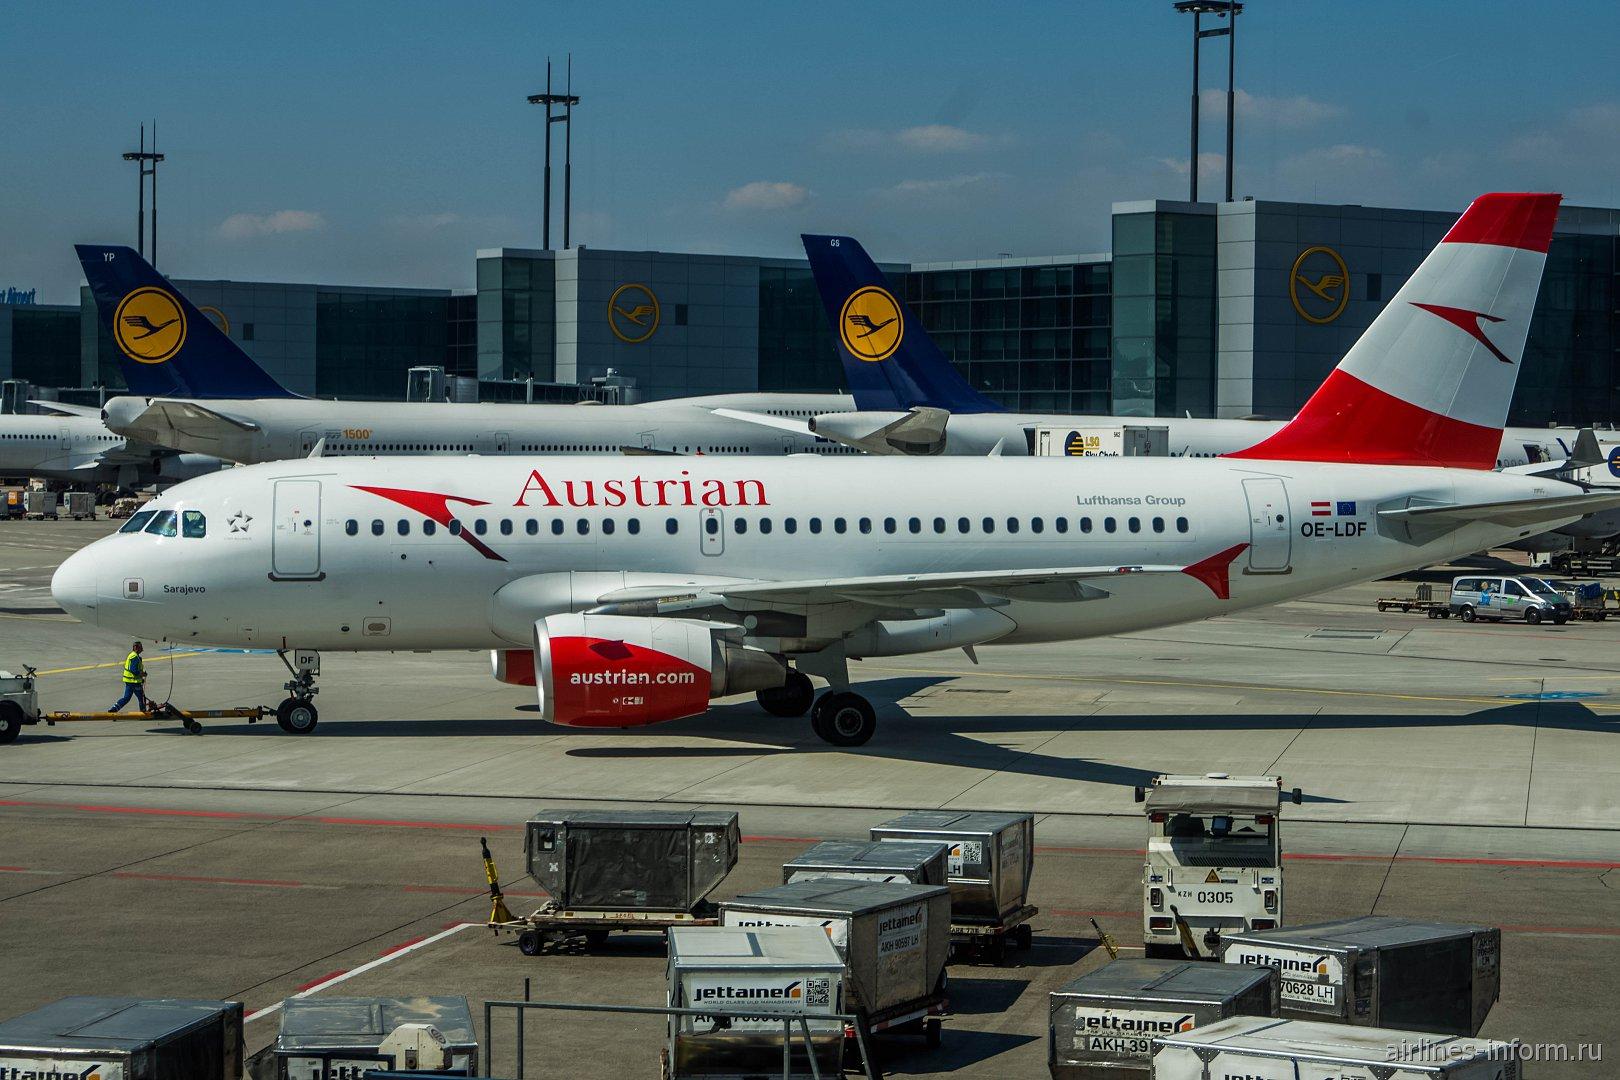 Airbus A319 ������������ Austrian � ��������� ����������